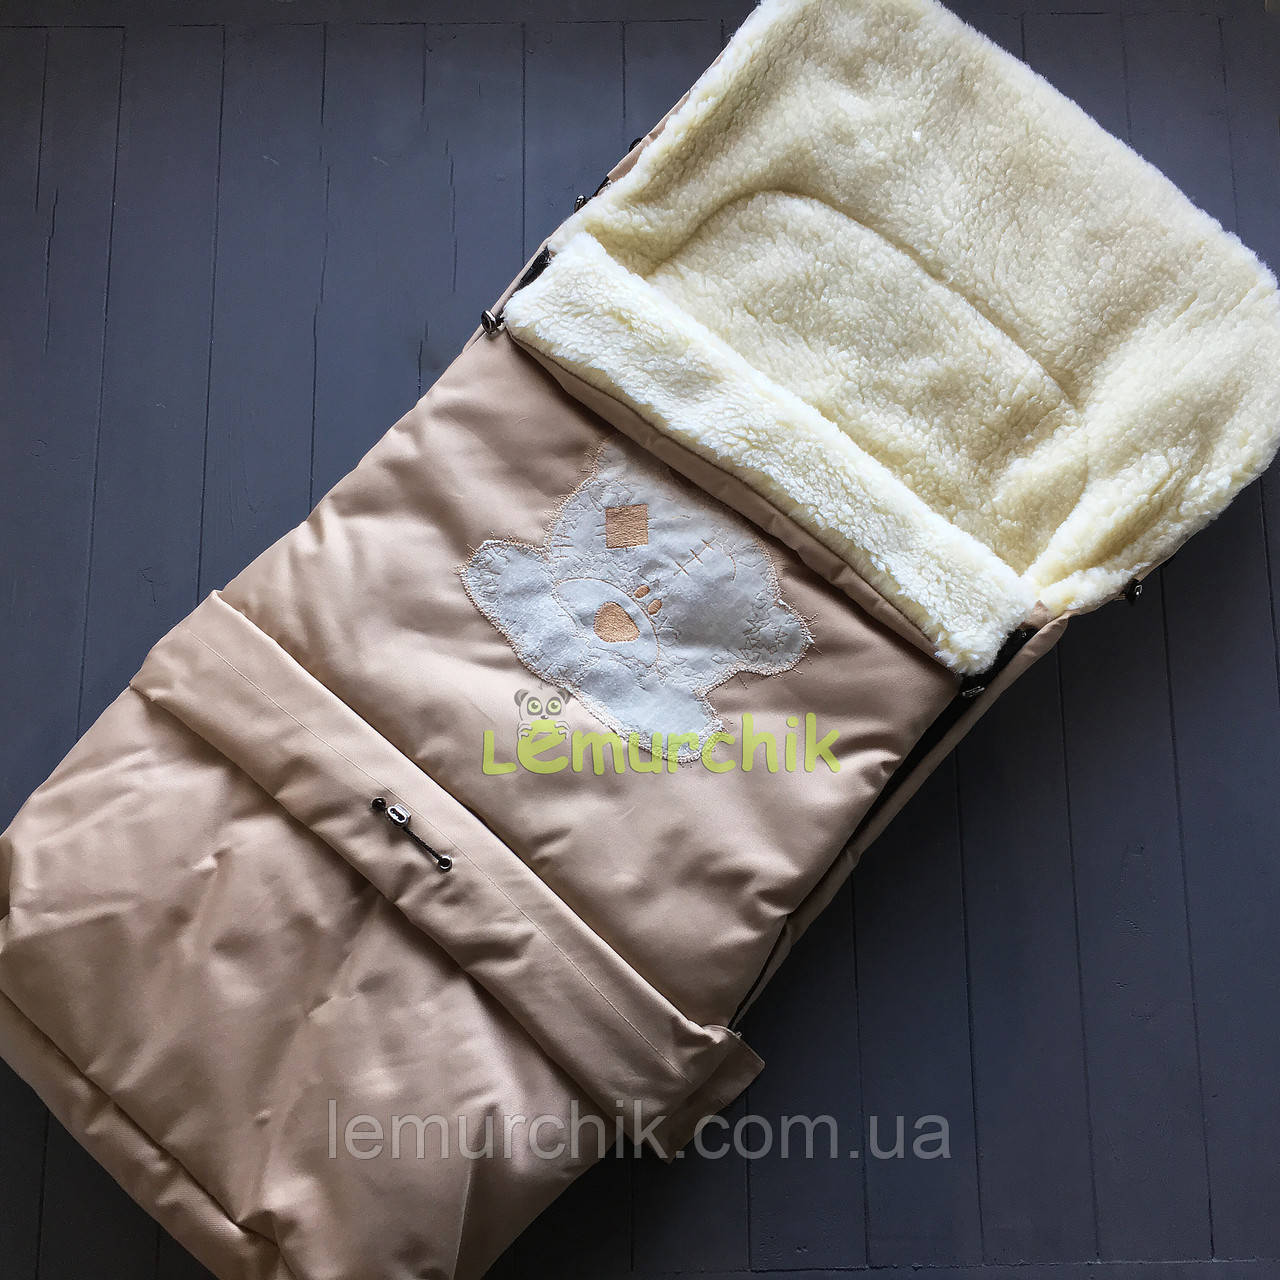 Чохол-конверт на санки і в коляску подовжений з мишком, бежевий